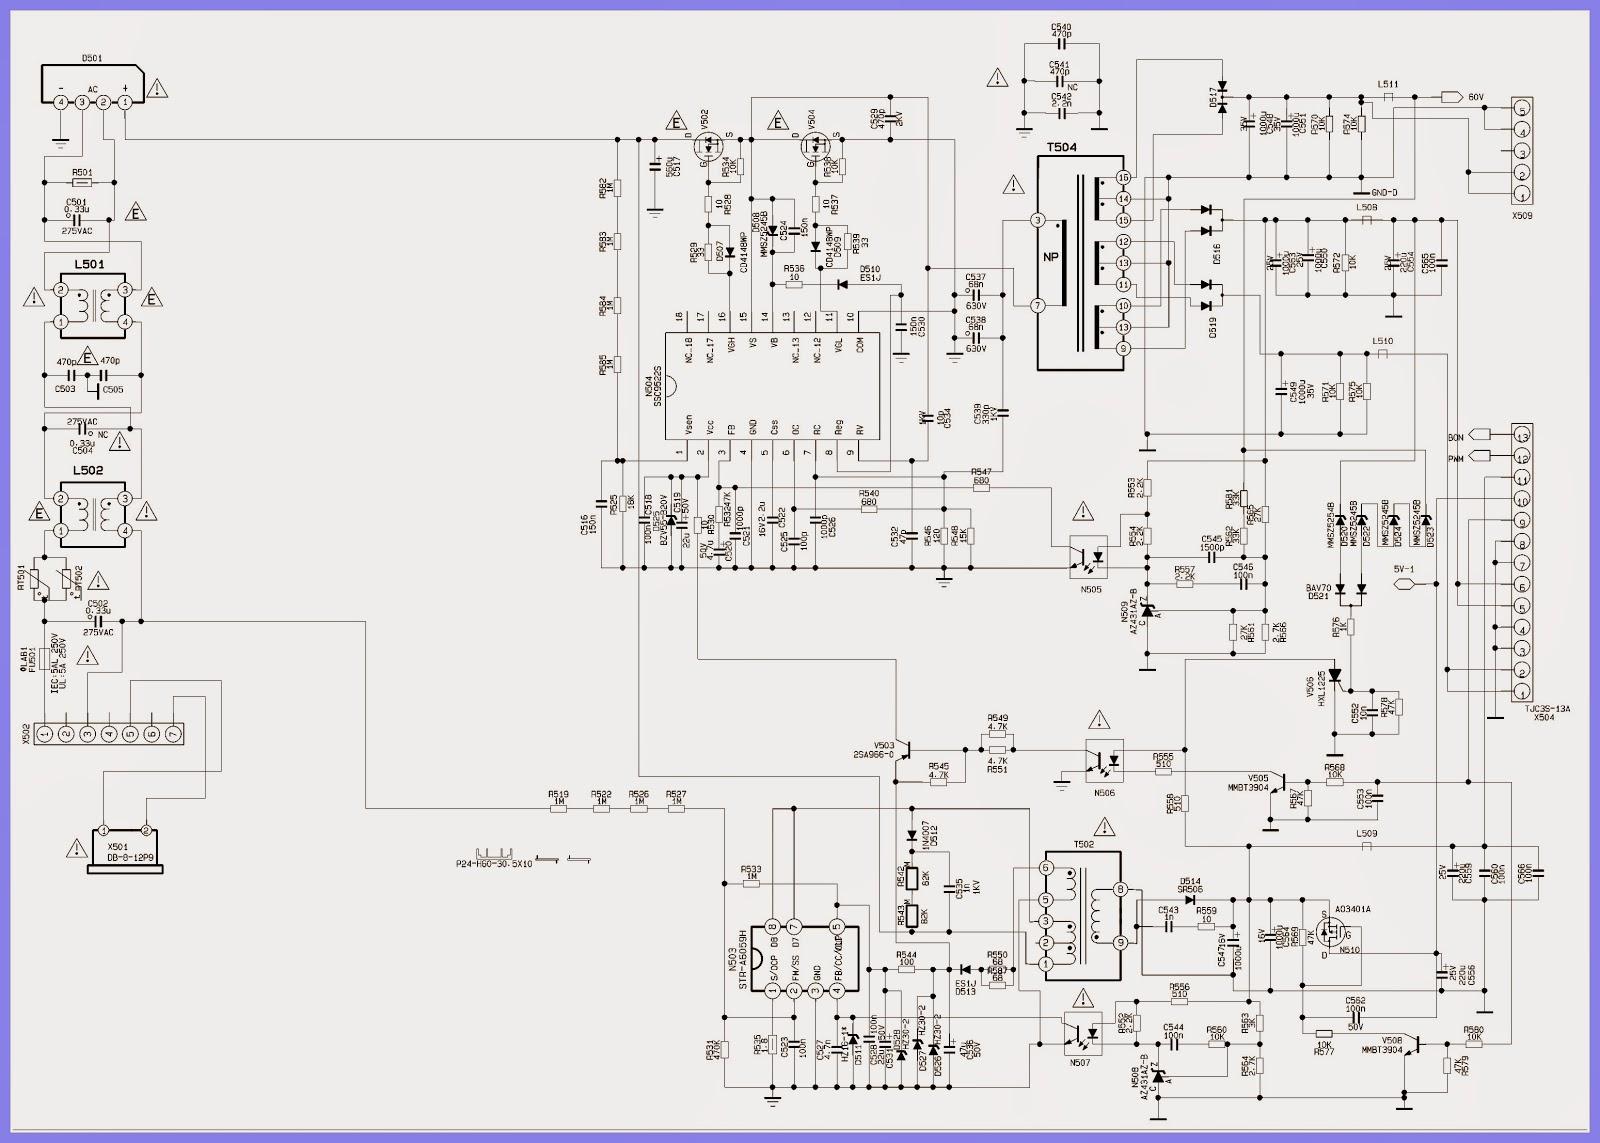 sanyo lcd-39xz12f pal-b  g ntsc av   new zealand